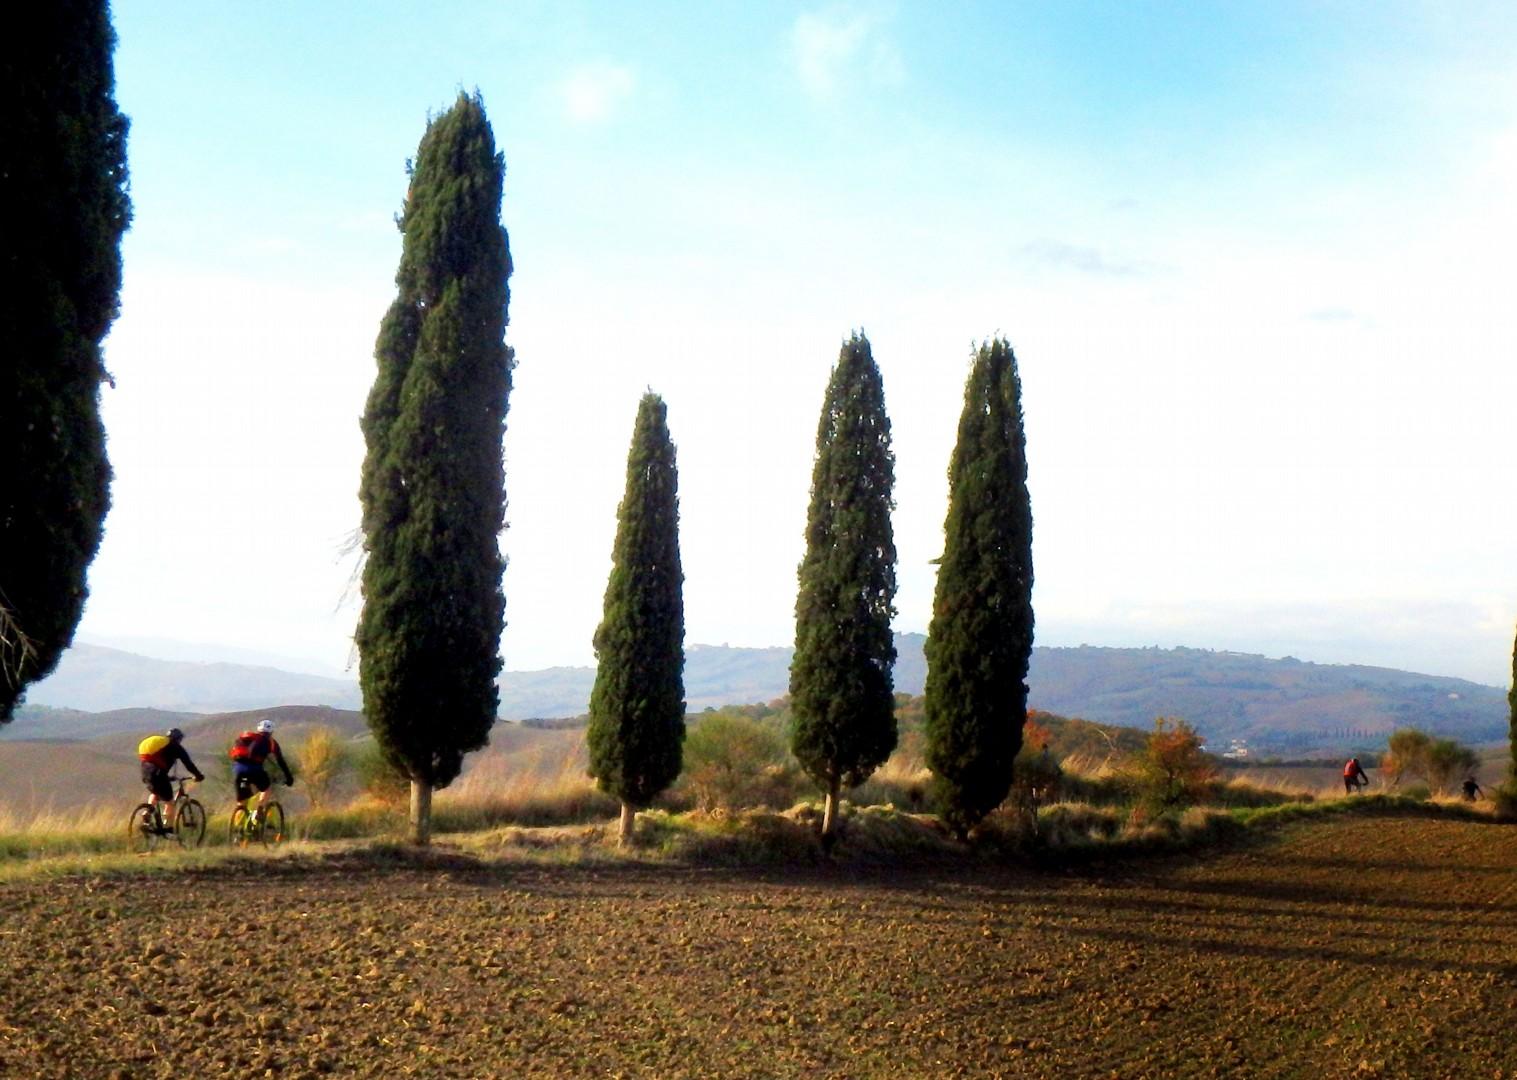 PB090046a.JPG - Italy - Via Francigena (Tuscany to Rome) - Guided Mountain Biking Holiday - Italia Mountain Biking